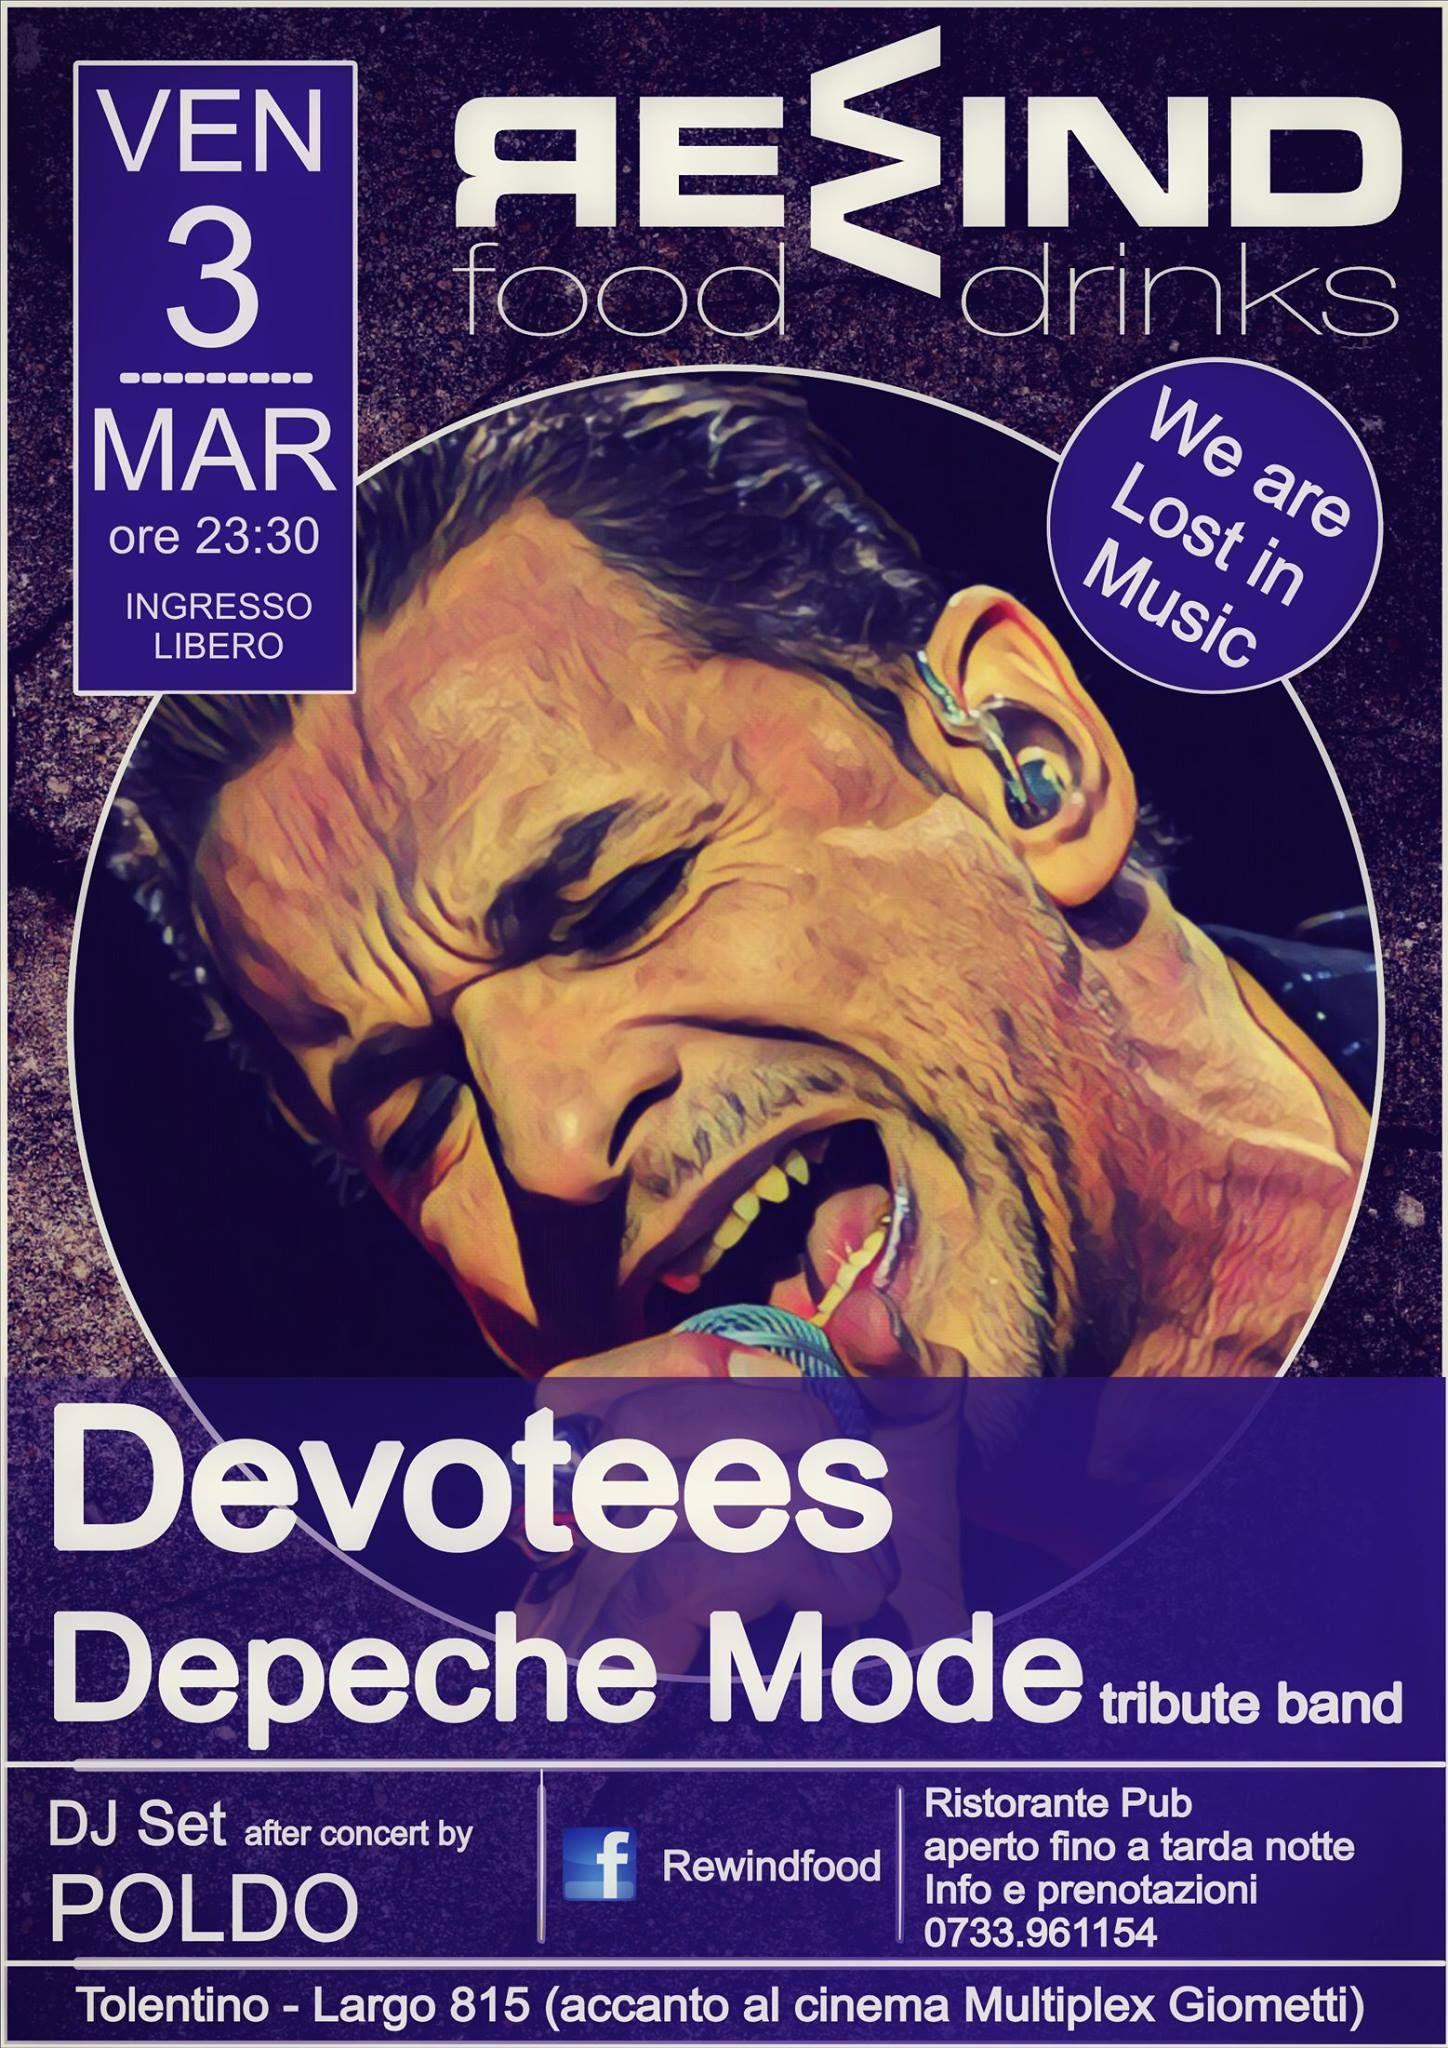 Venerdi 3 marzo 2017 al Rewind #Tolentino serata live con i Devotees – #DepecheMode Tribute Band ed a seguire Dj Set by Poldo. Ingresso libero.Per info e prenotazione cena 0733/961154